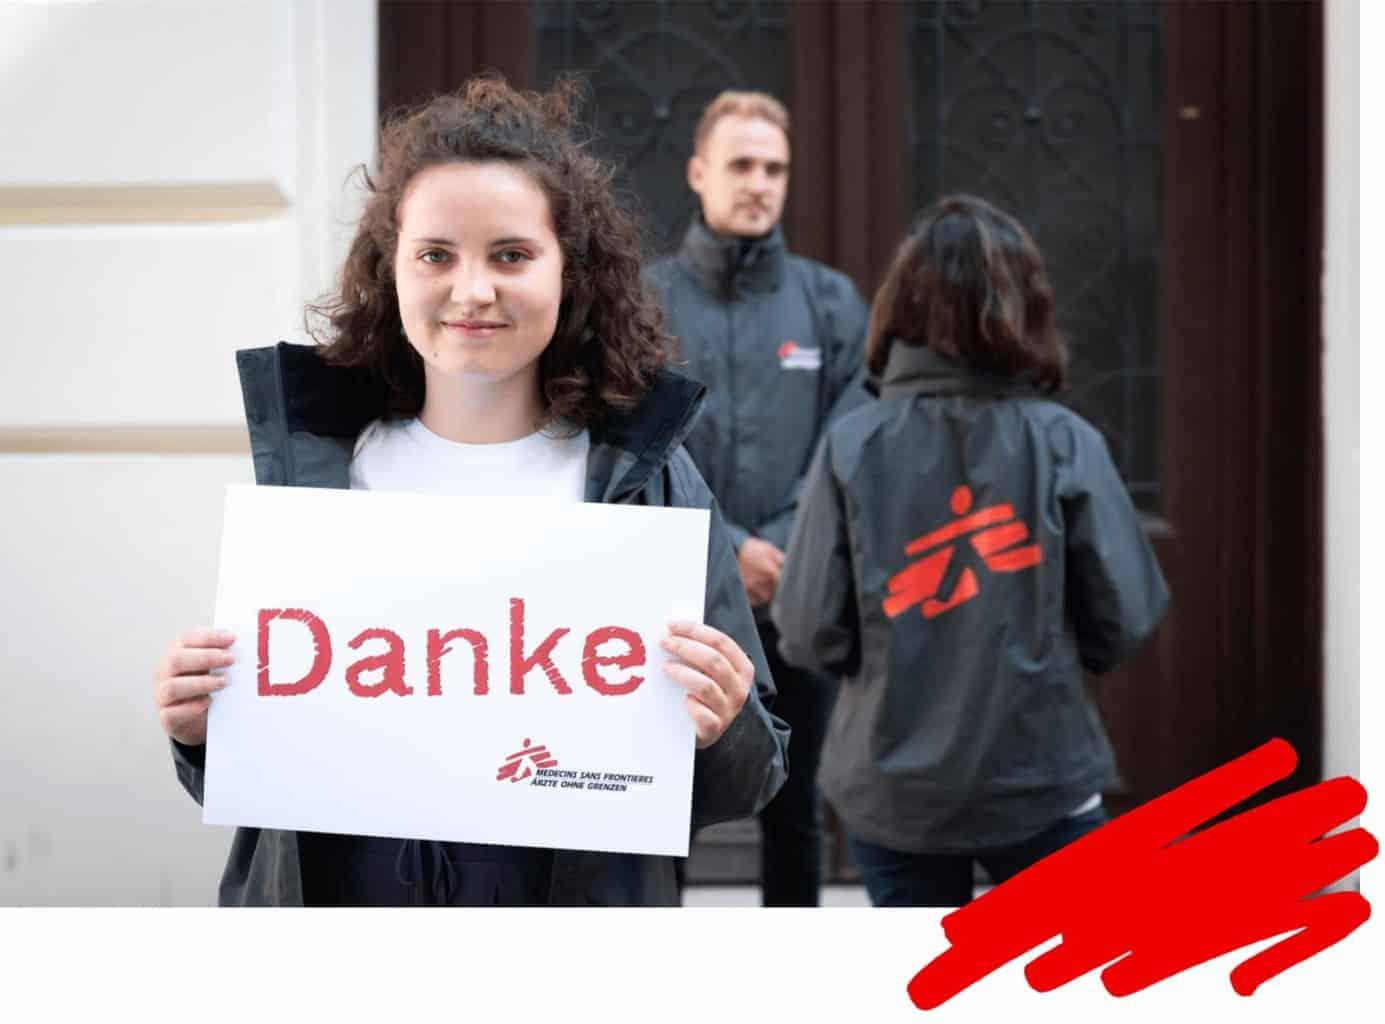 MSF Campaigner Reisekampagne